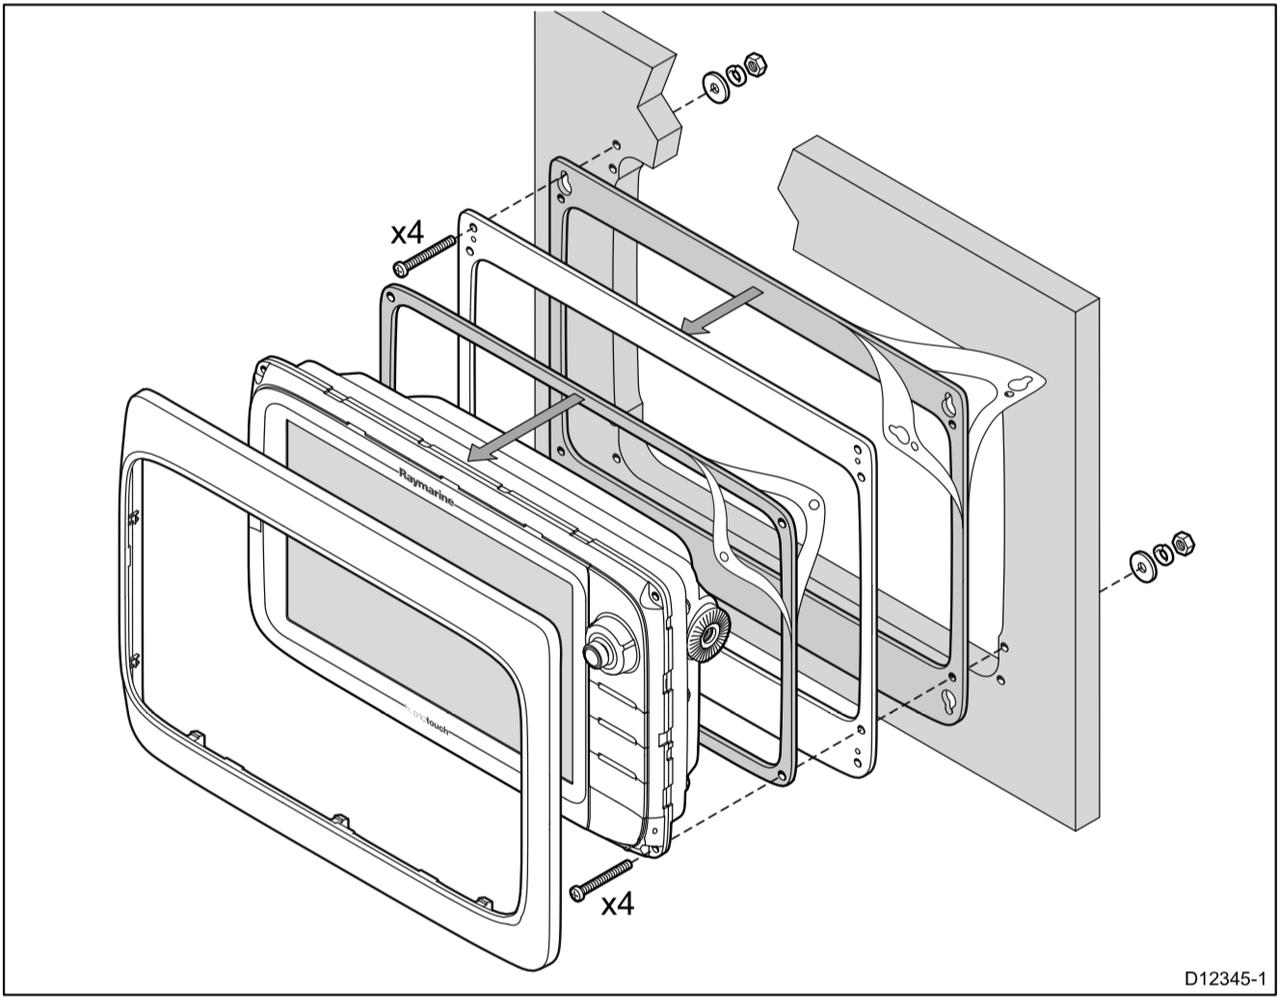 c80 wiring diagram wiring diagram third level c80 wiring diagram [ 1280 x 997 Pixel ]